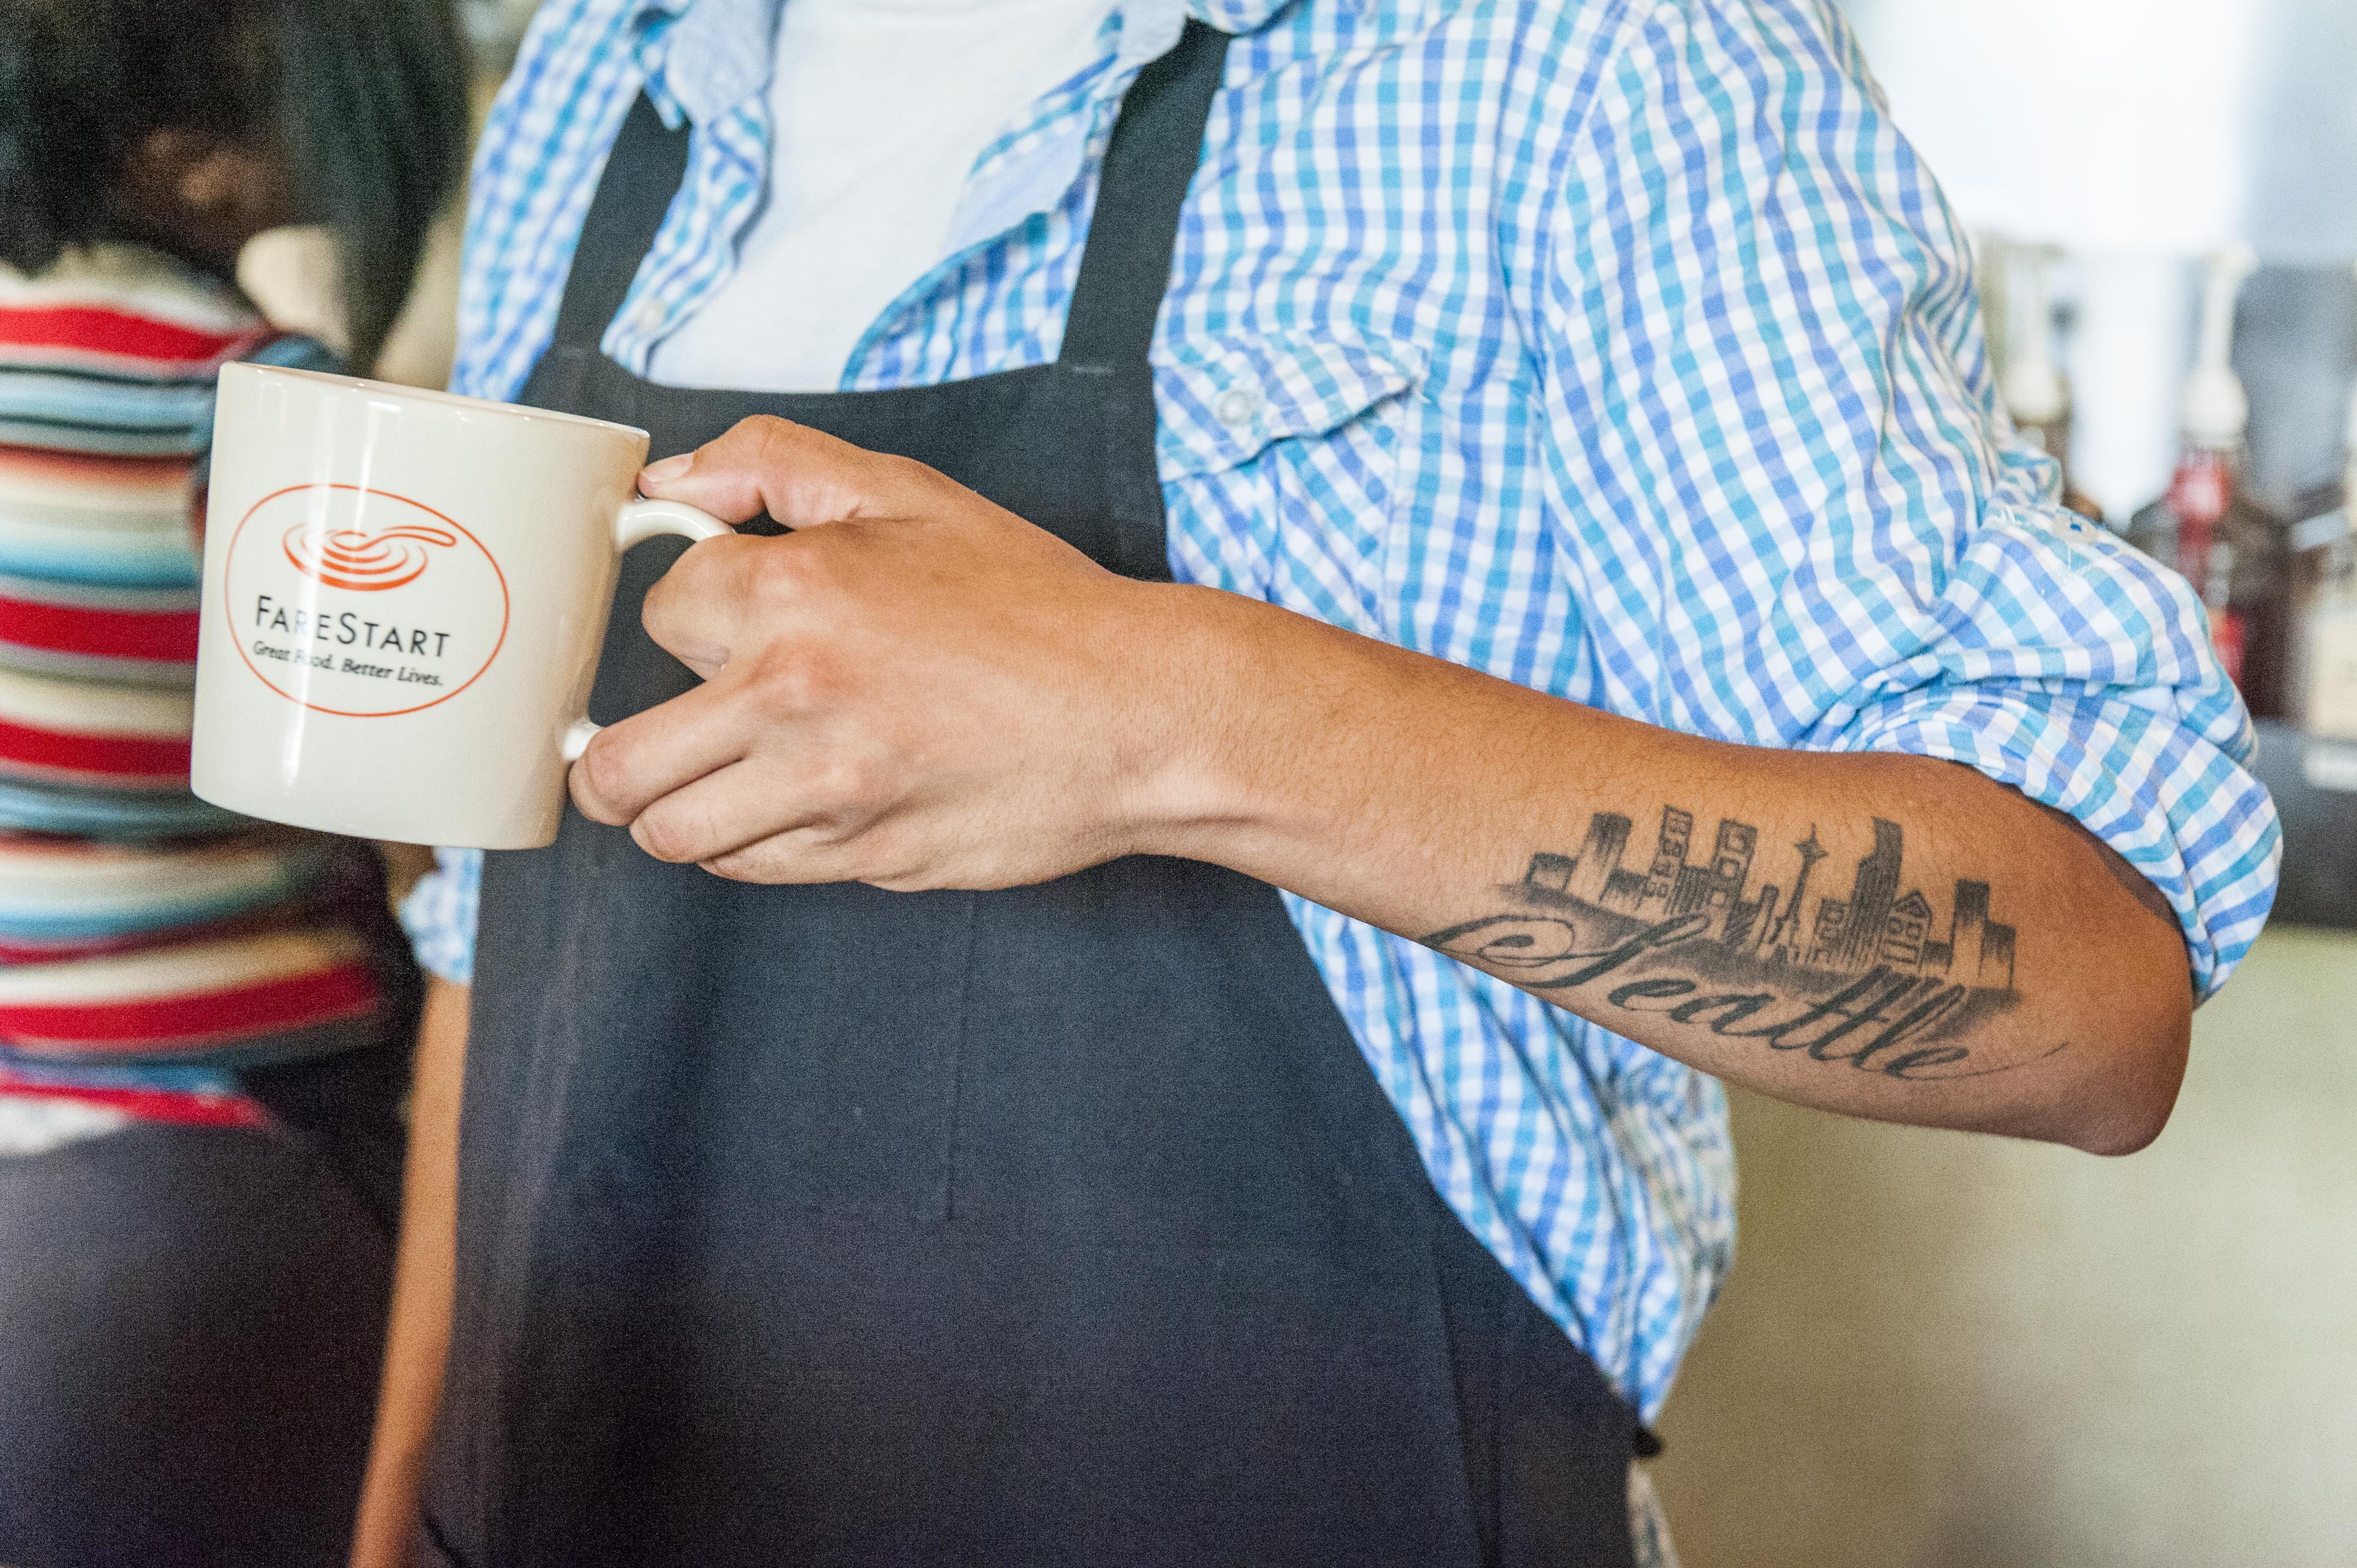 FareStart Cafe @ 2100